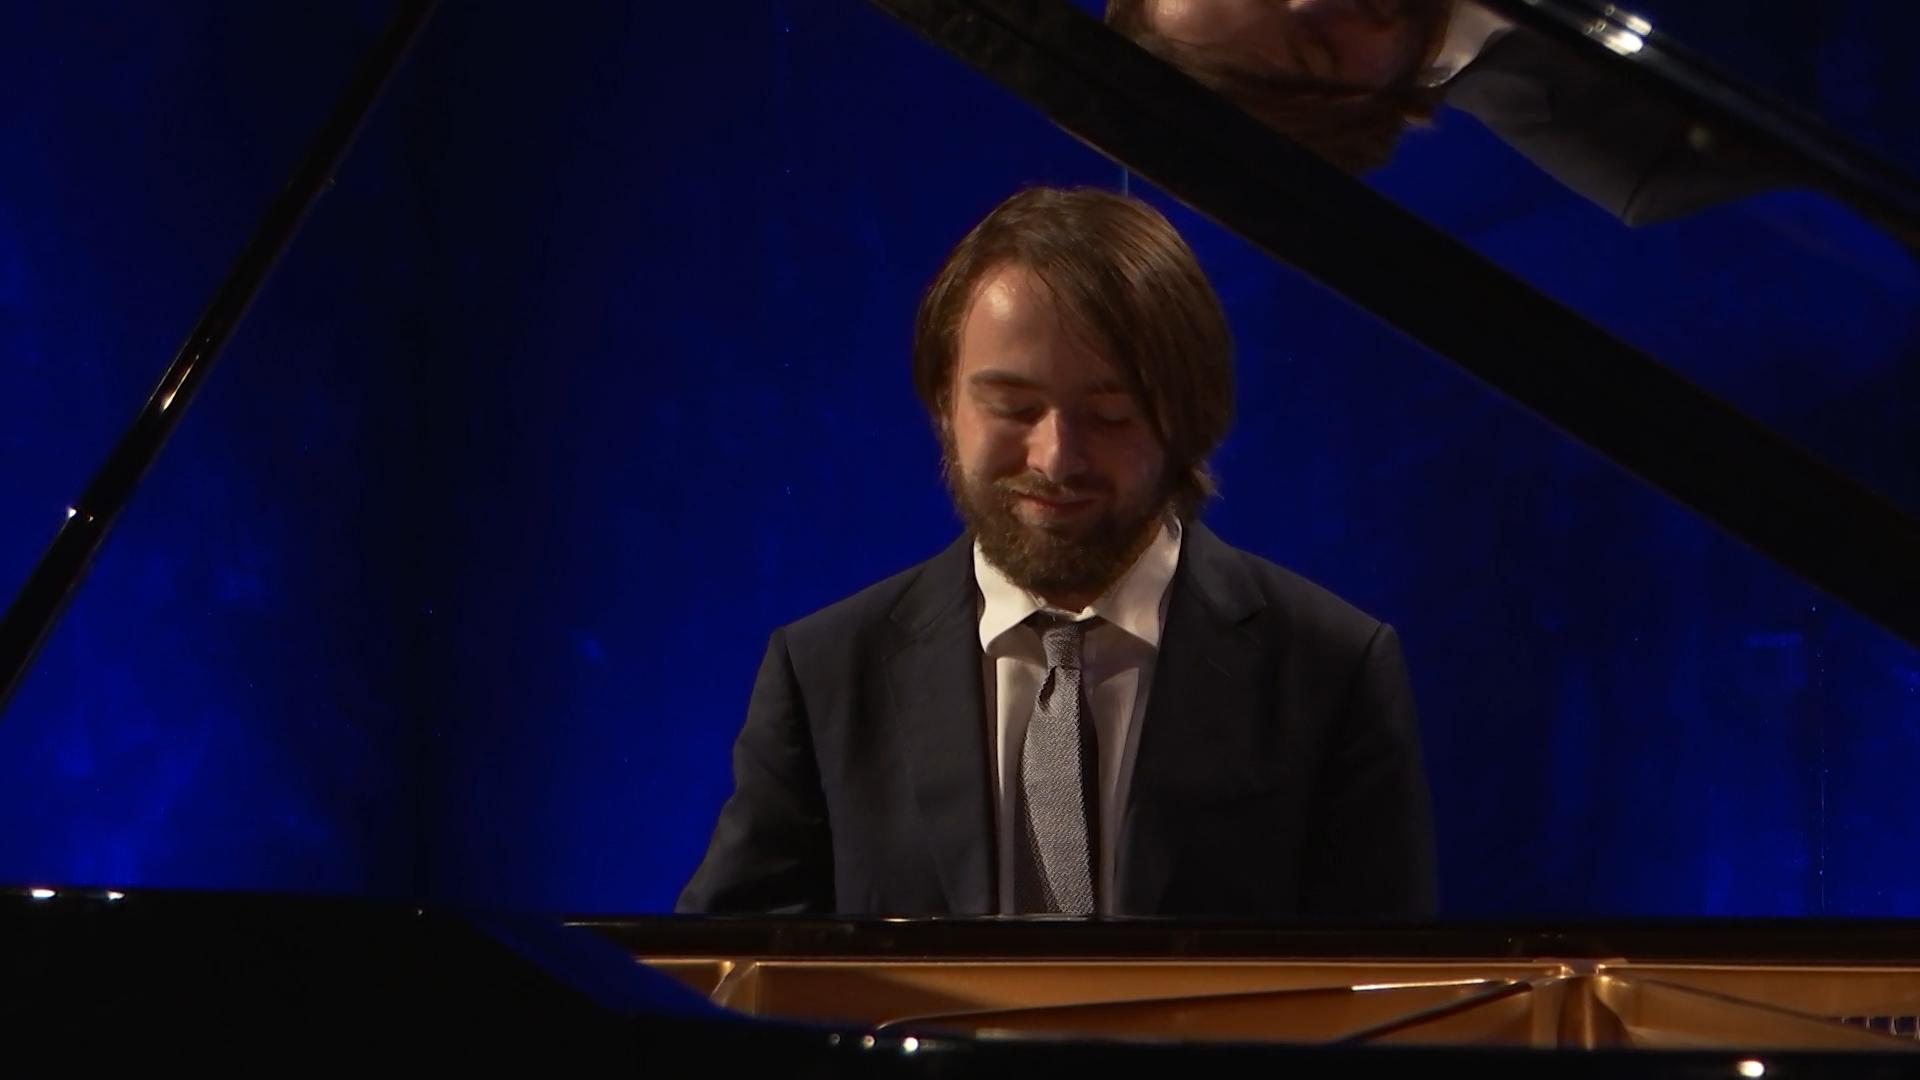 Daniil Trifonov joue Mompou, Schumann, Grieg, Barber, Tchaïkovski, Rachmaninov et Chopin